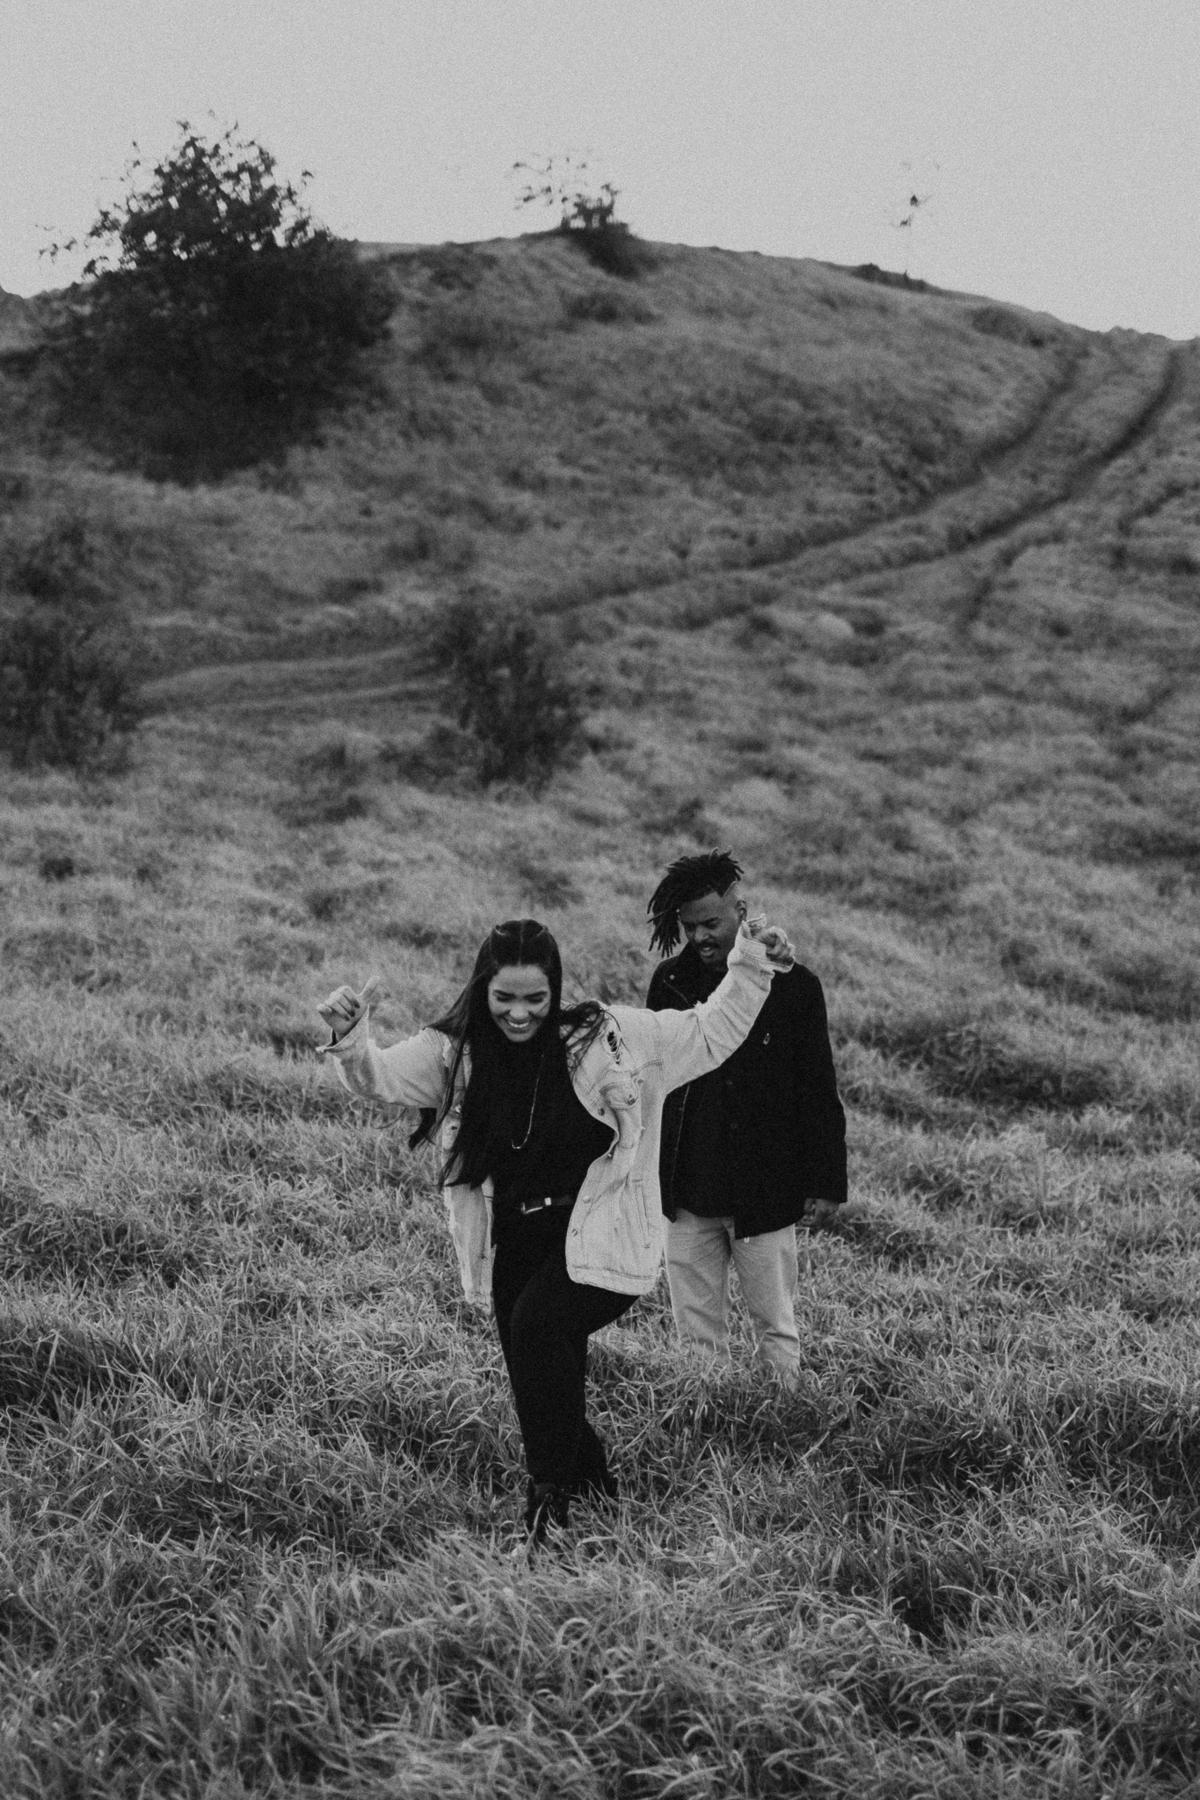 fotografos de casamento em pirapora do bom jesus morro do capuava ensaio pre casamento por do sol fotografos autenticos casais estilosos ideias de look pra ensaio morro do capuava elopement wedding mini weddings